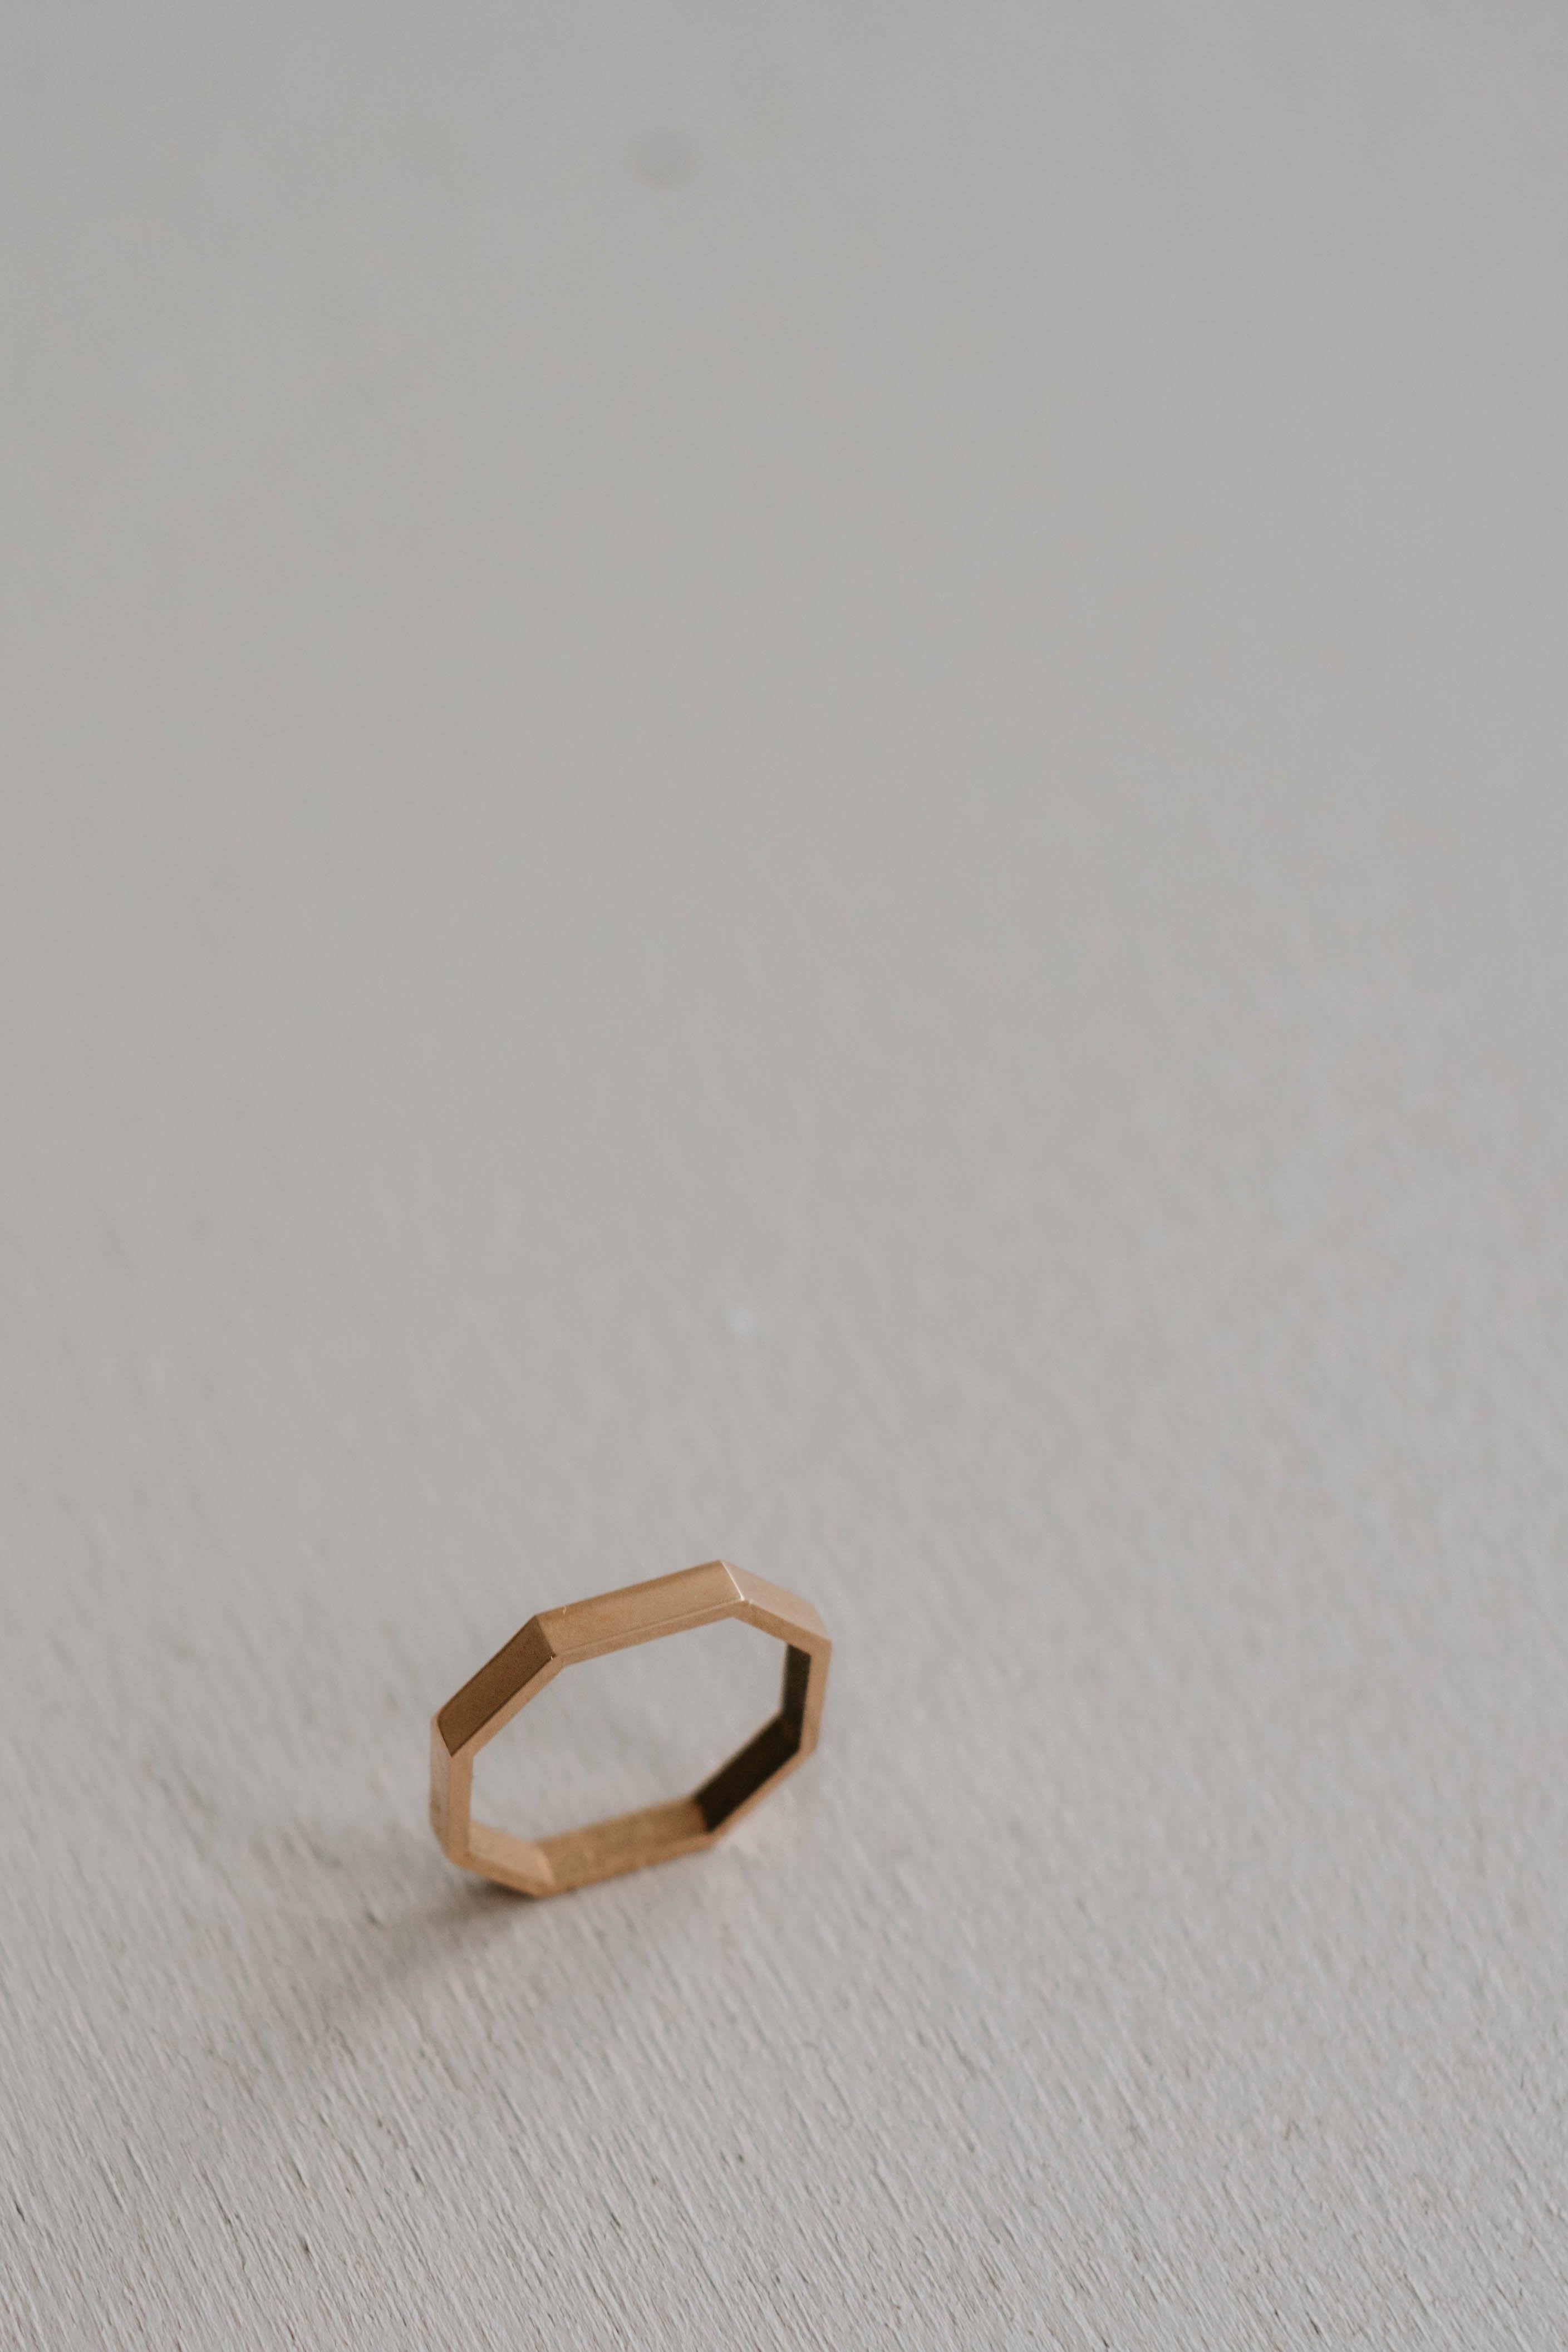 Choisir des alliances éco-responsables - JEM Jewellery Ethically Minded - Blog mariage : La mariée aux pieds nus